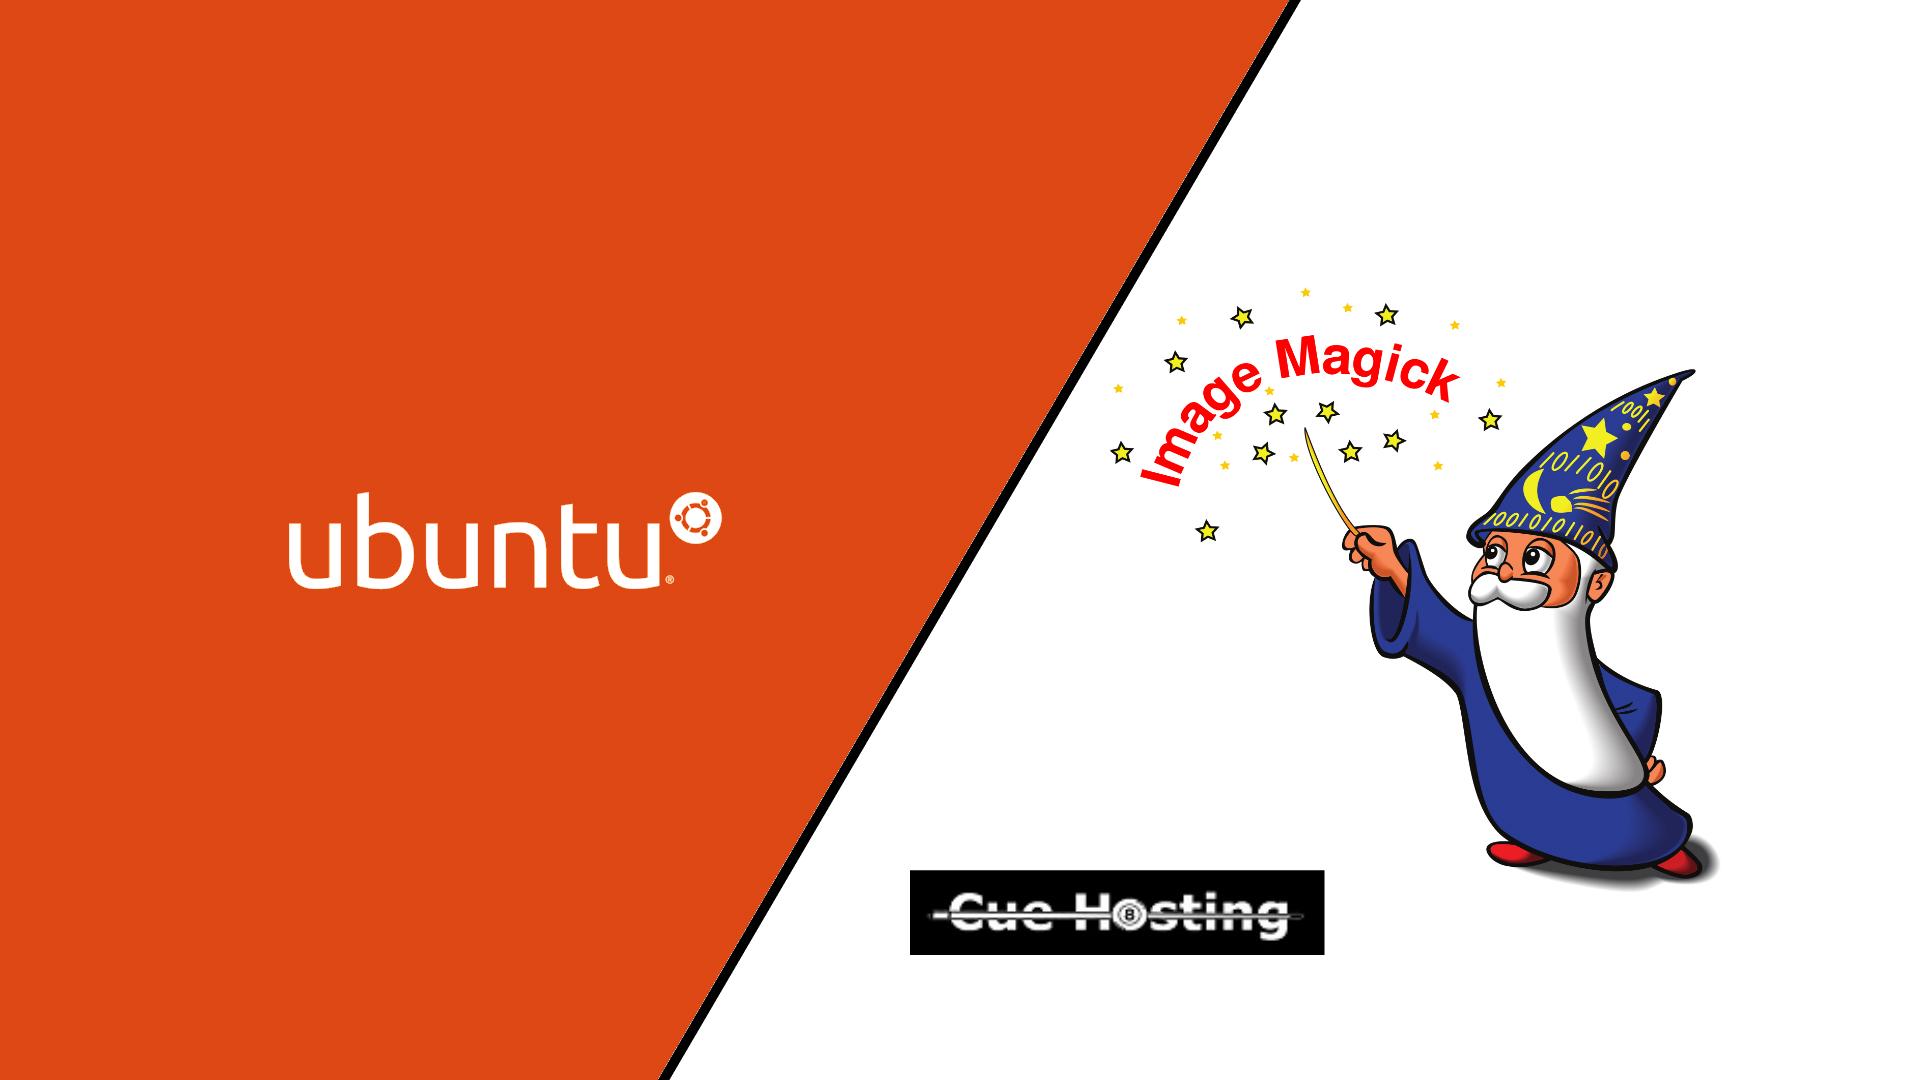 Ubuntu Imagick